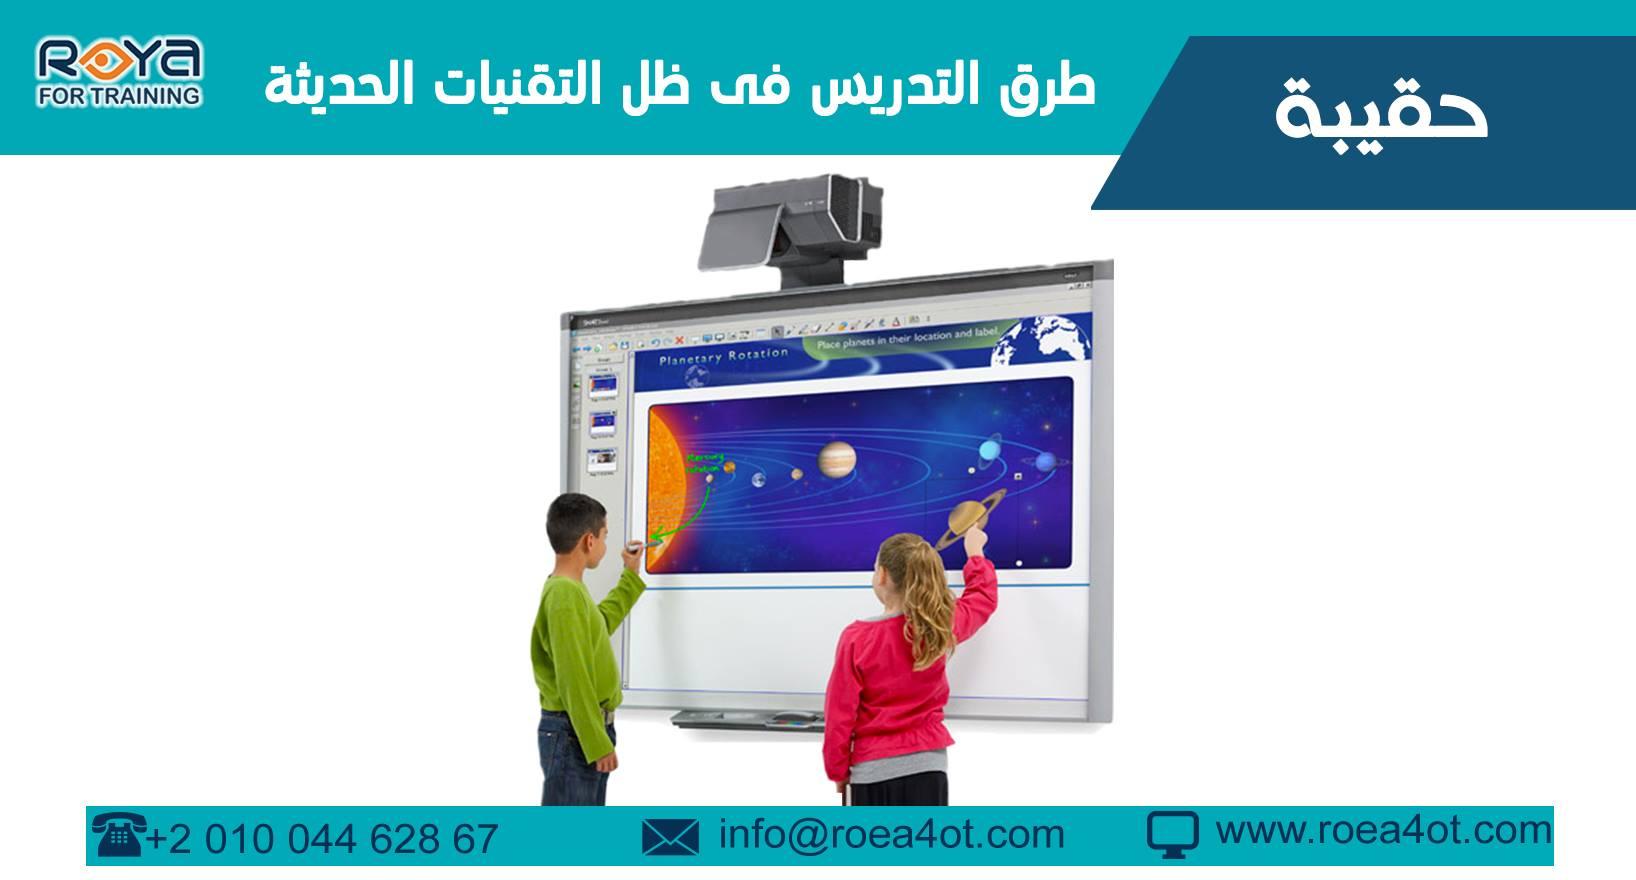 حقيبة تدريبية طرق التدريس في ظل المقتنيات الحديثة